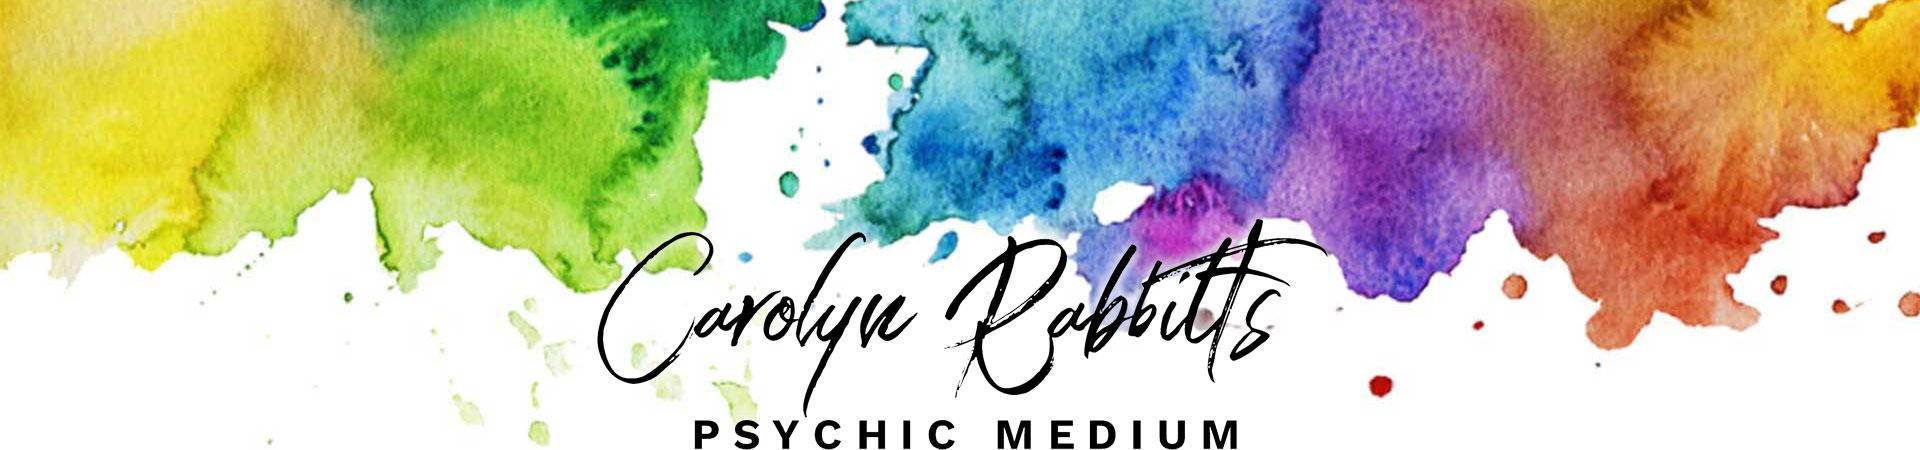 Carolyn Rabbitts Psychic Medium